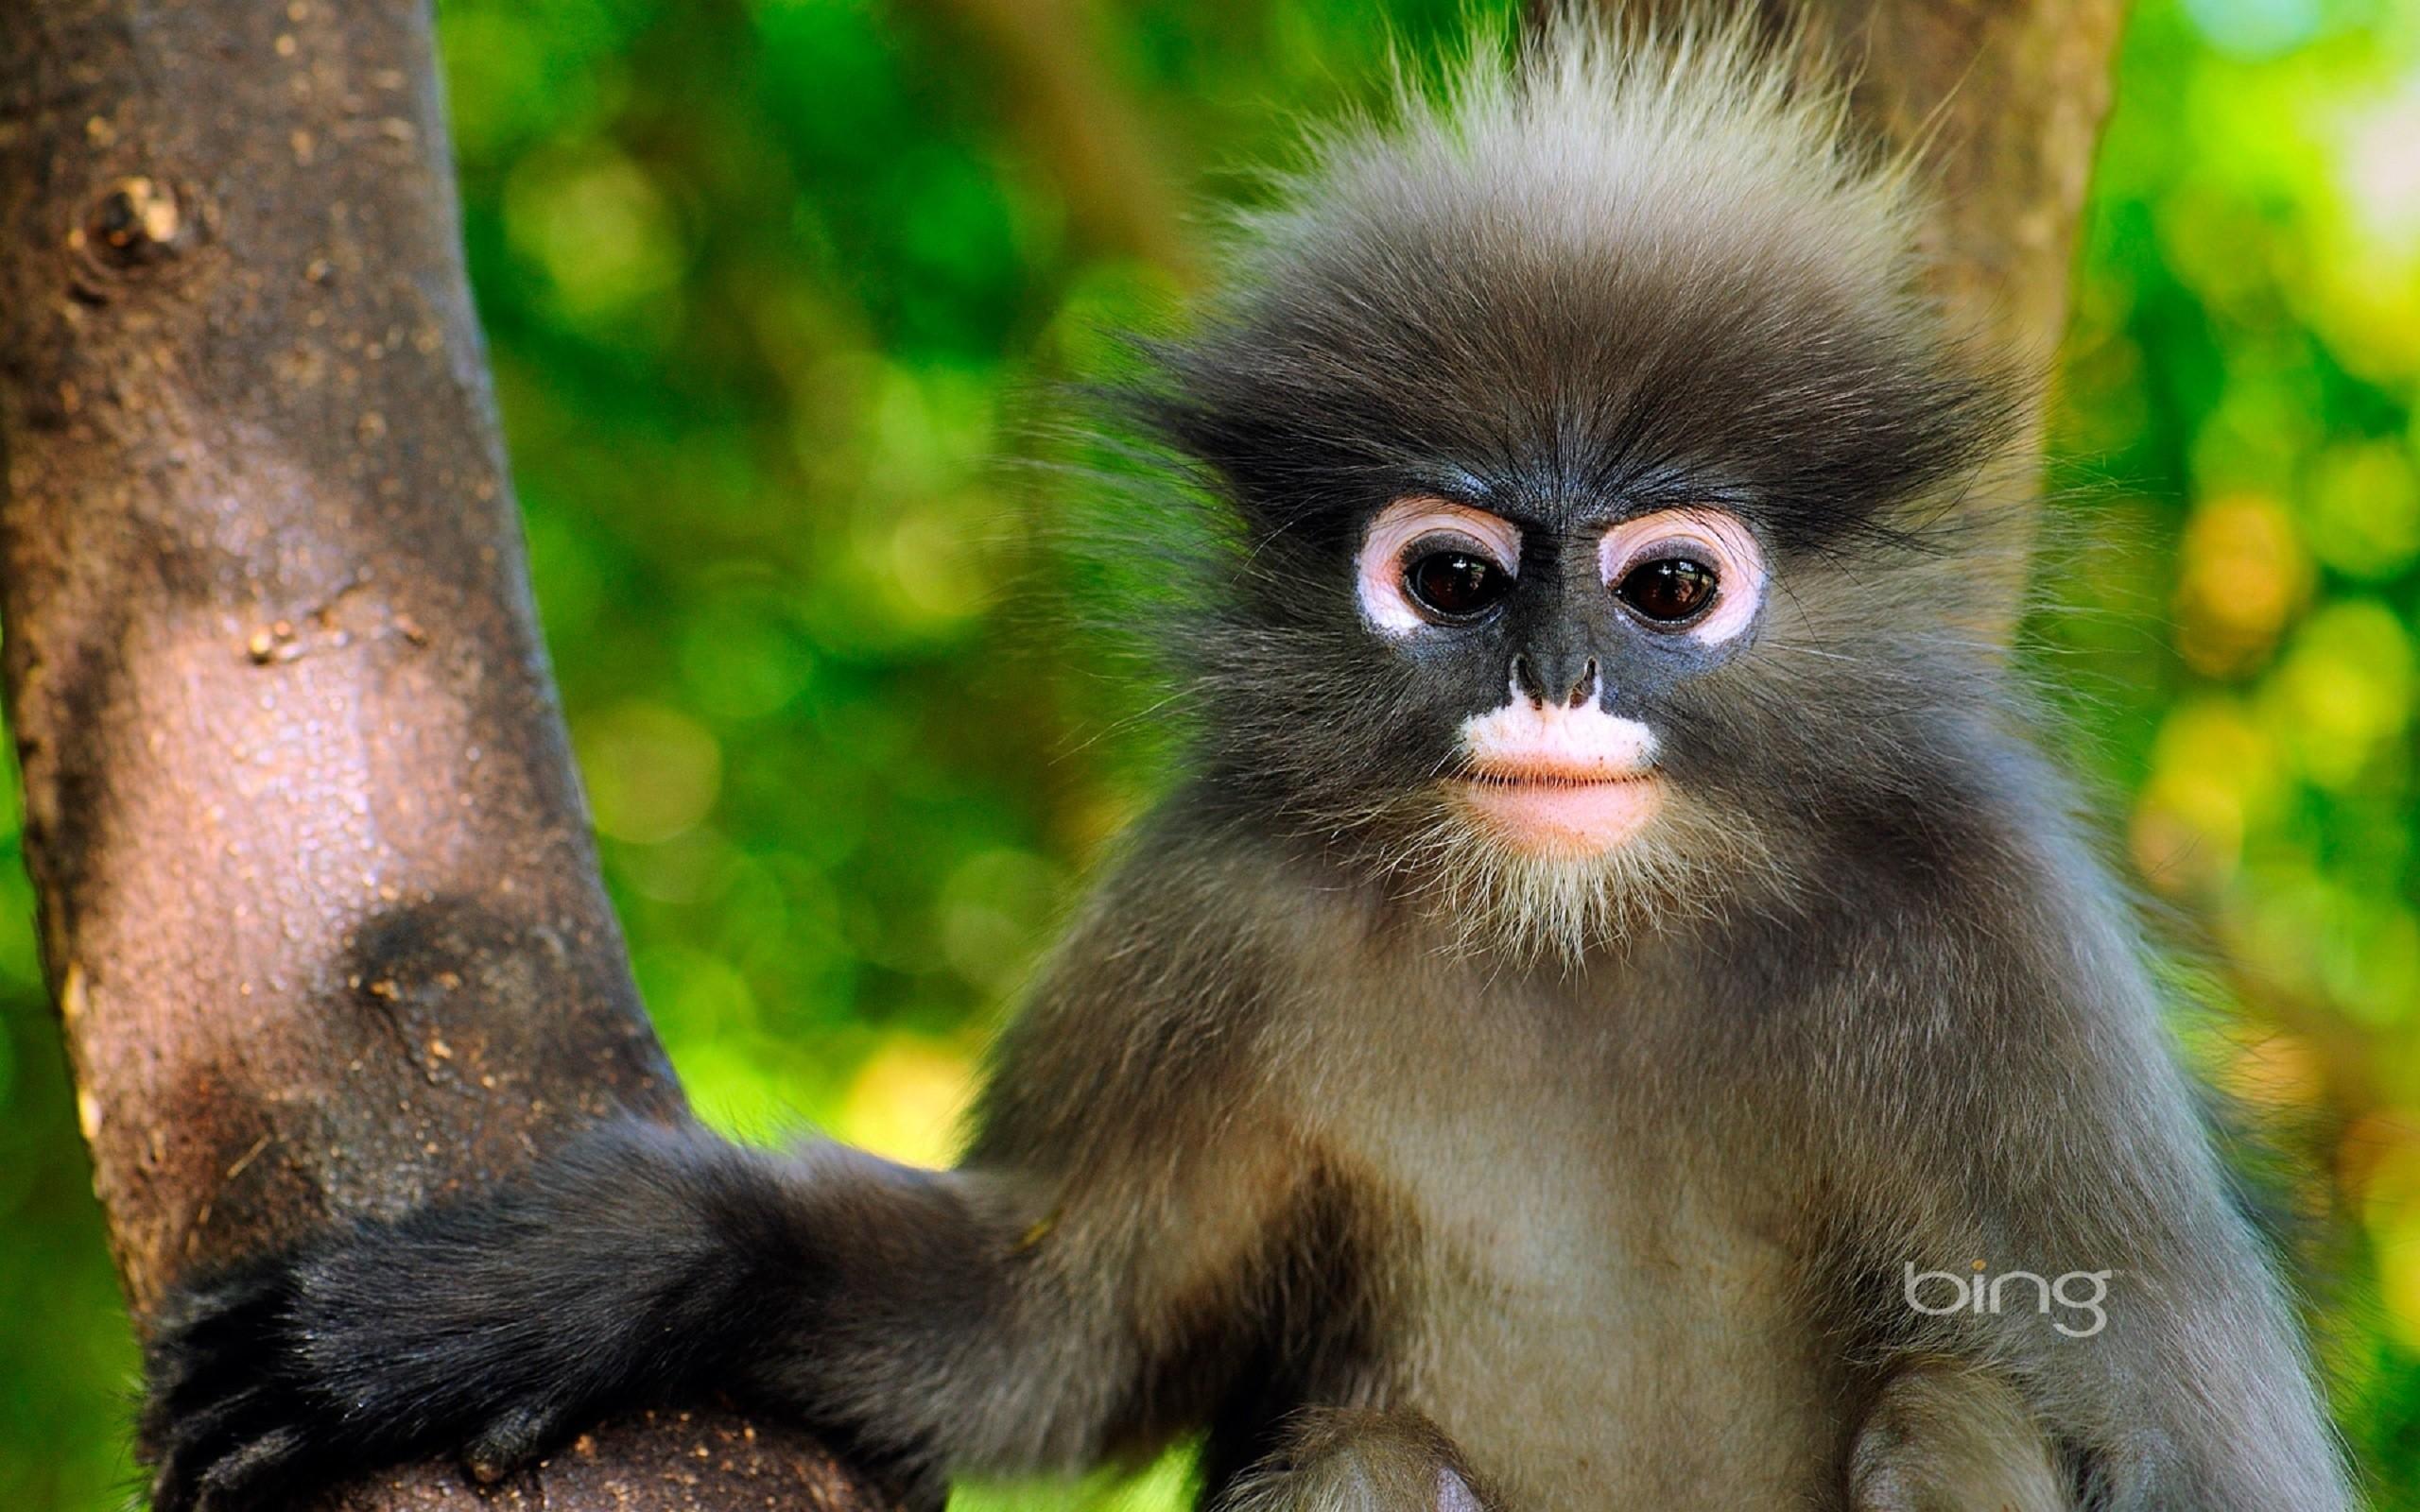 Bing, Monkey, Cute Monkey, Cool, Baby Monkey, Funny, Beauty Baby